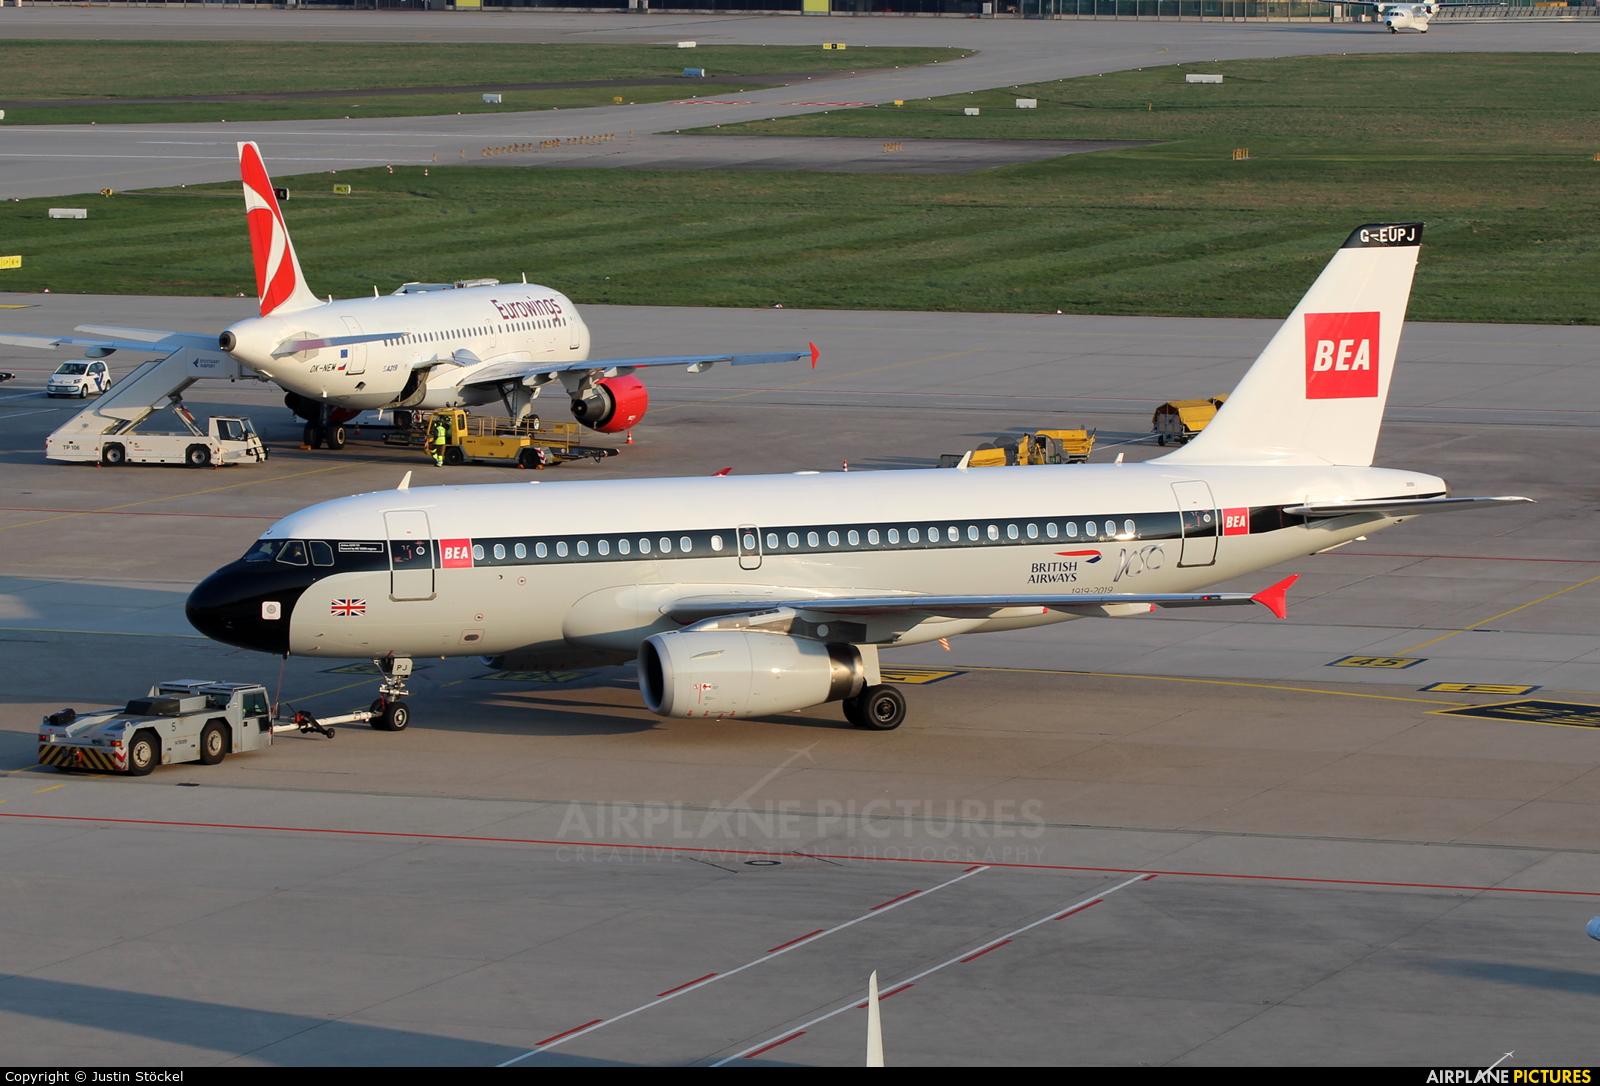 British Airways G-EUPJ aircraft at Stuttgart